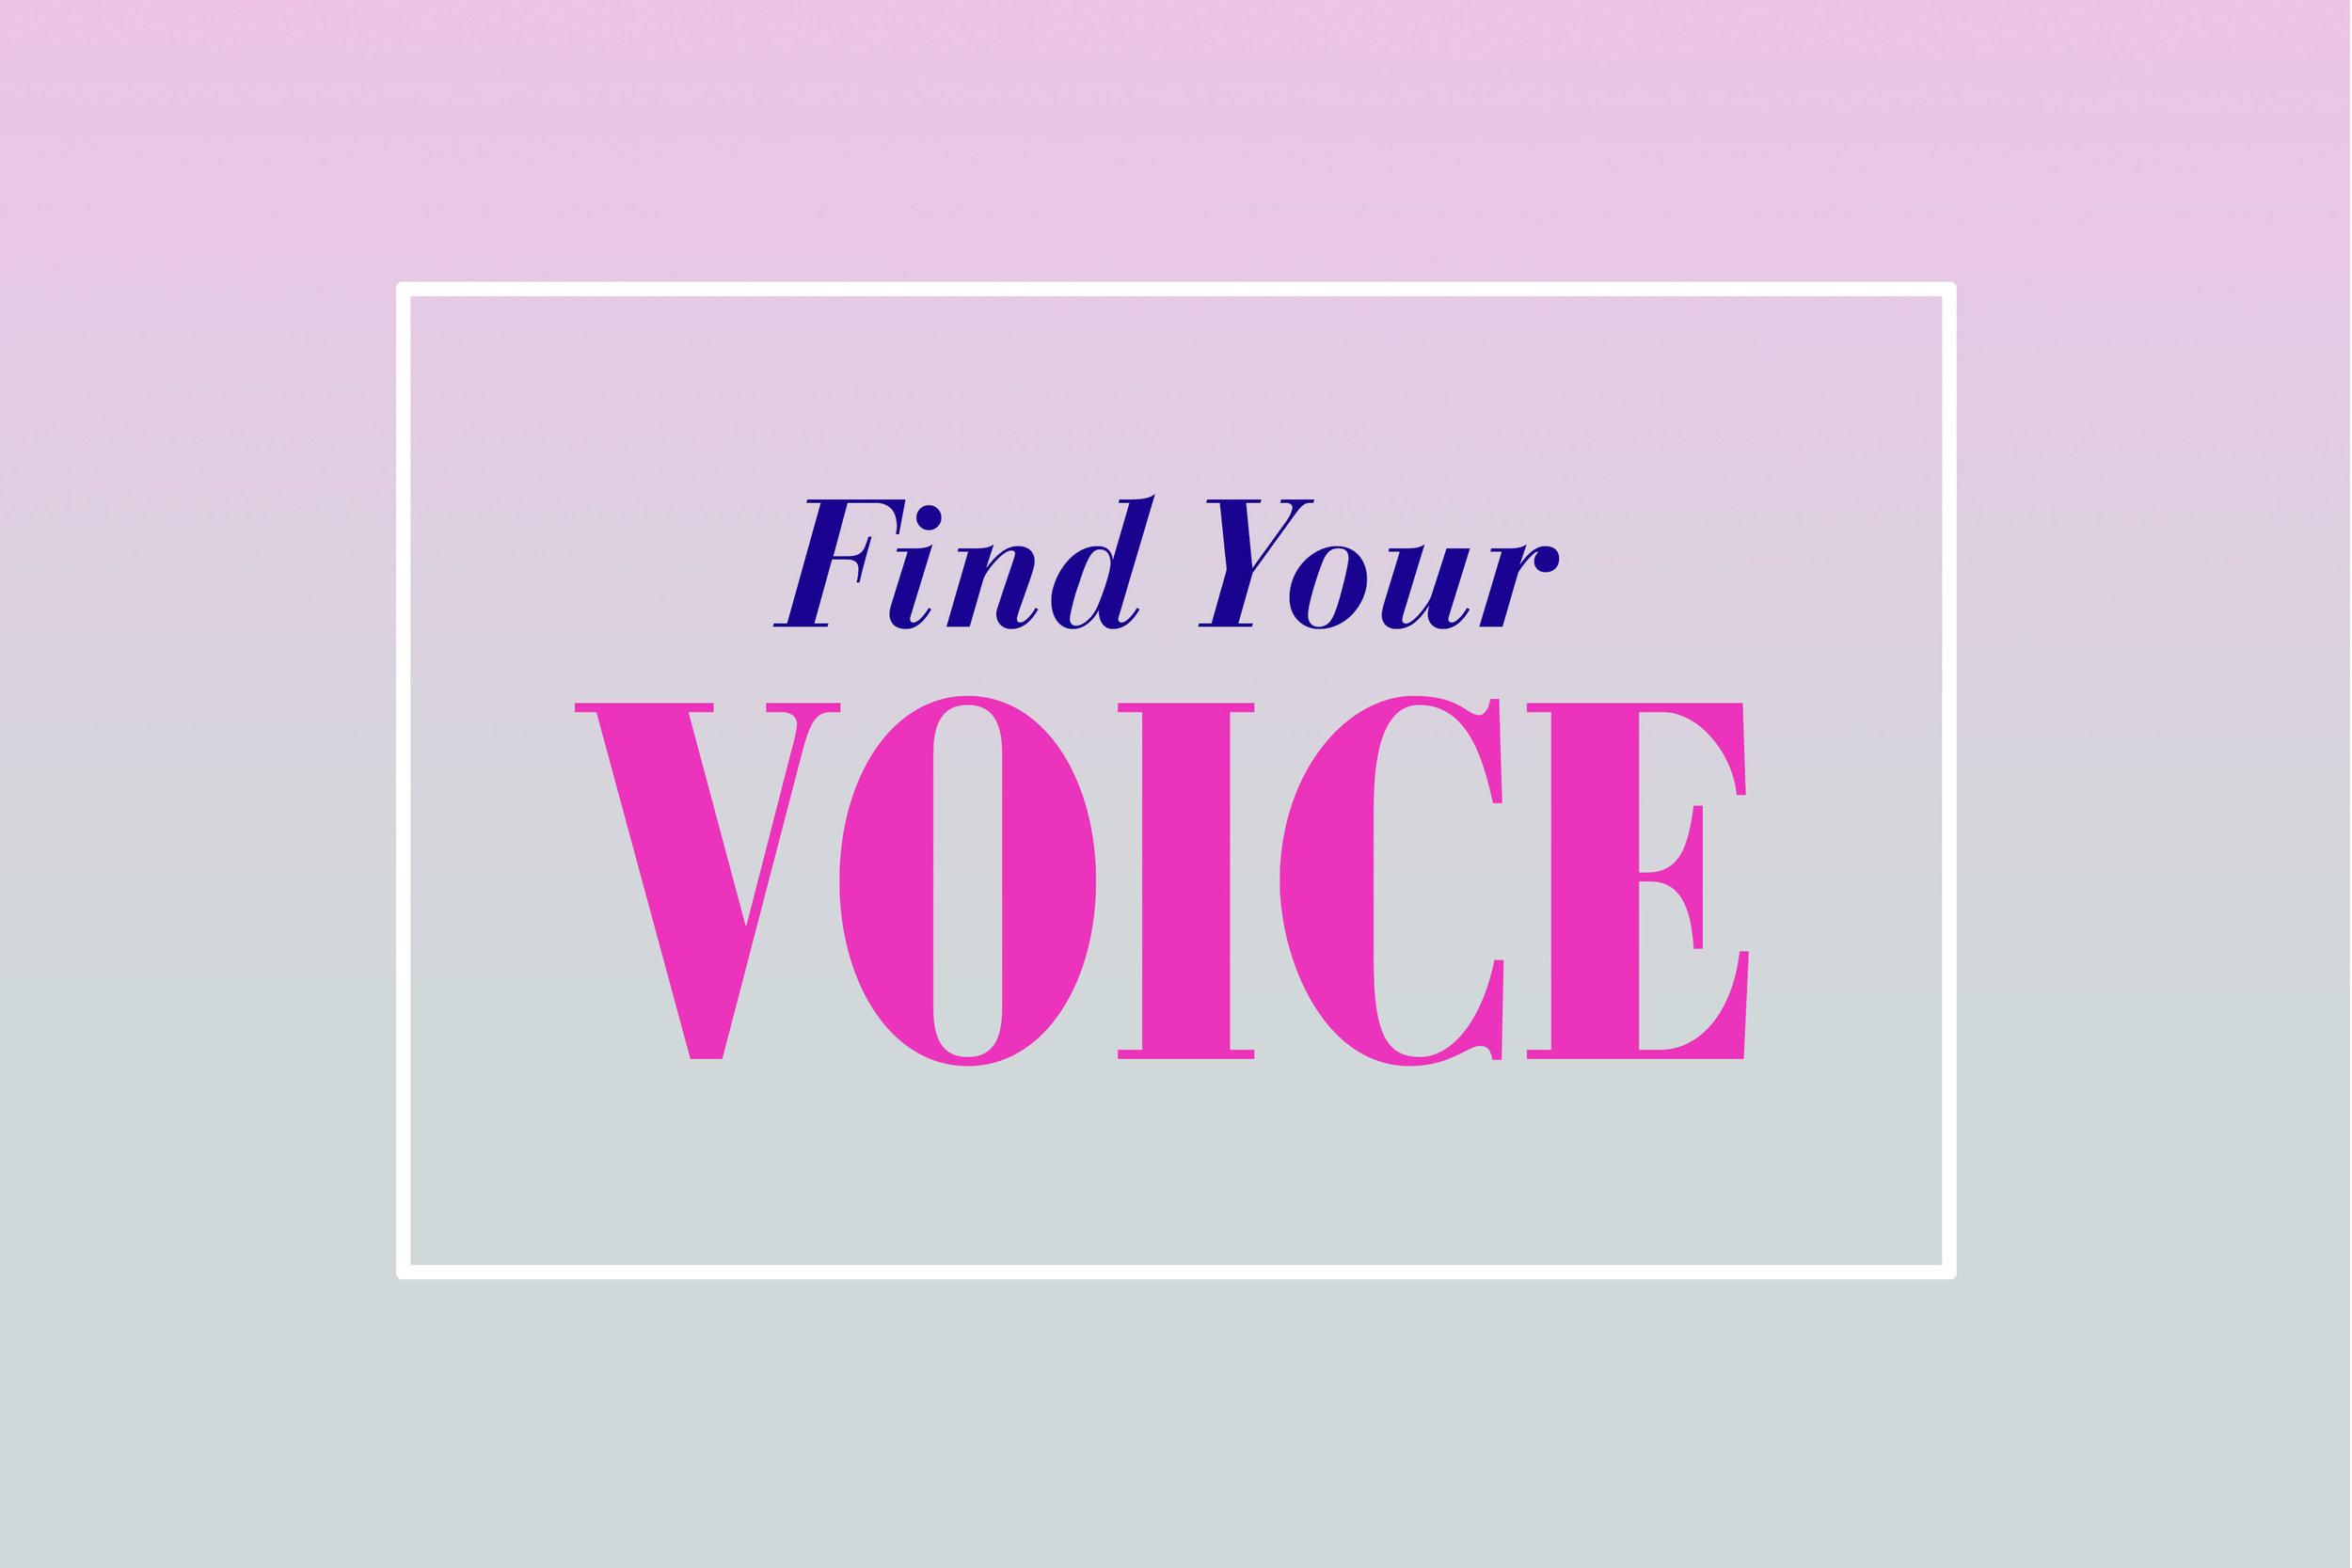 findyourvoice.jpg